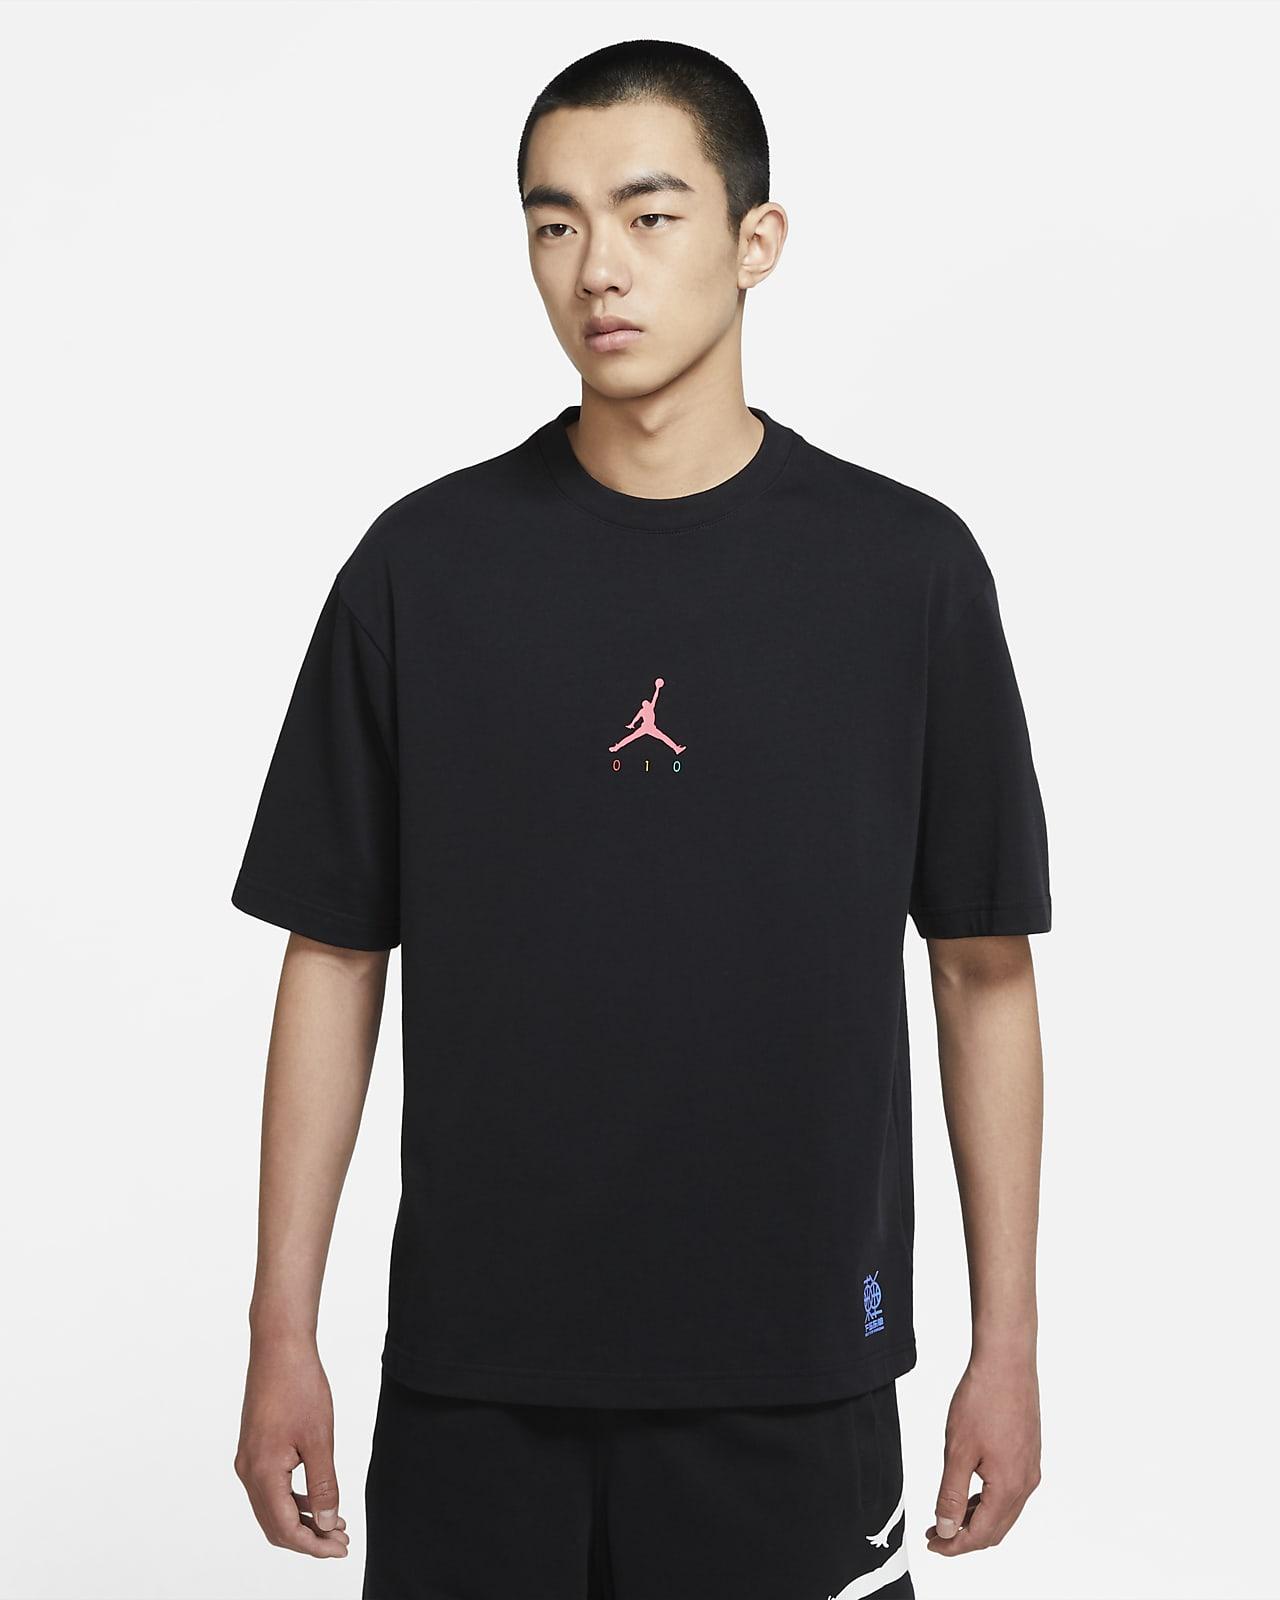 Jordan Dongdan 1985 男子T恤